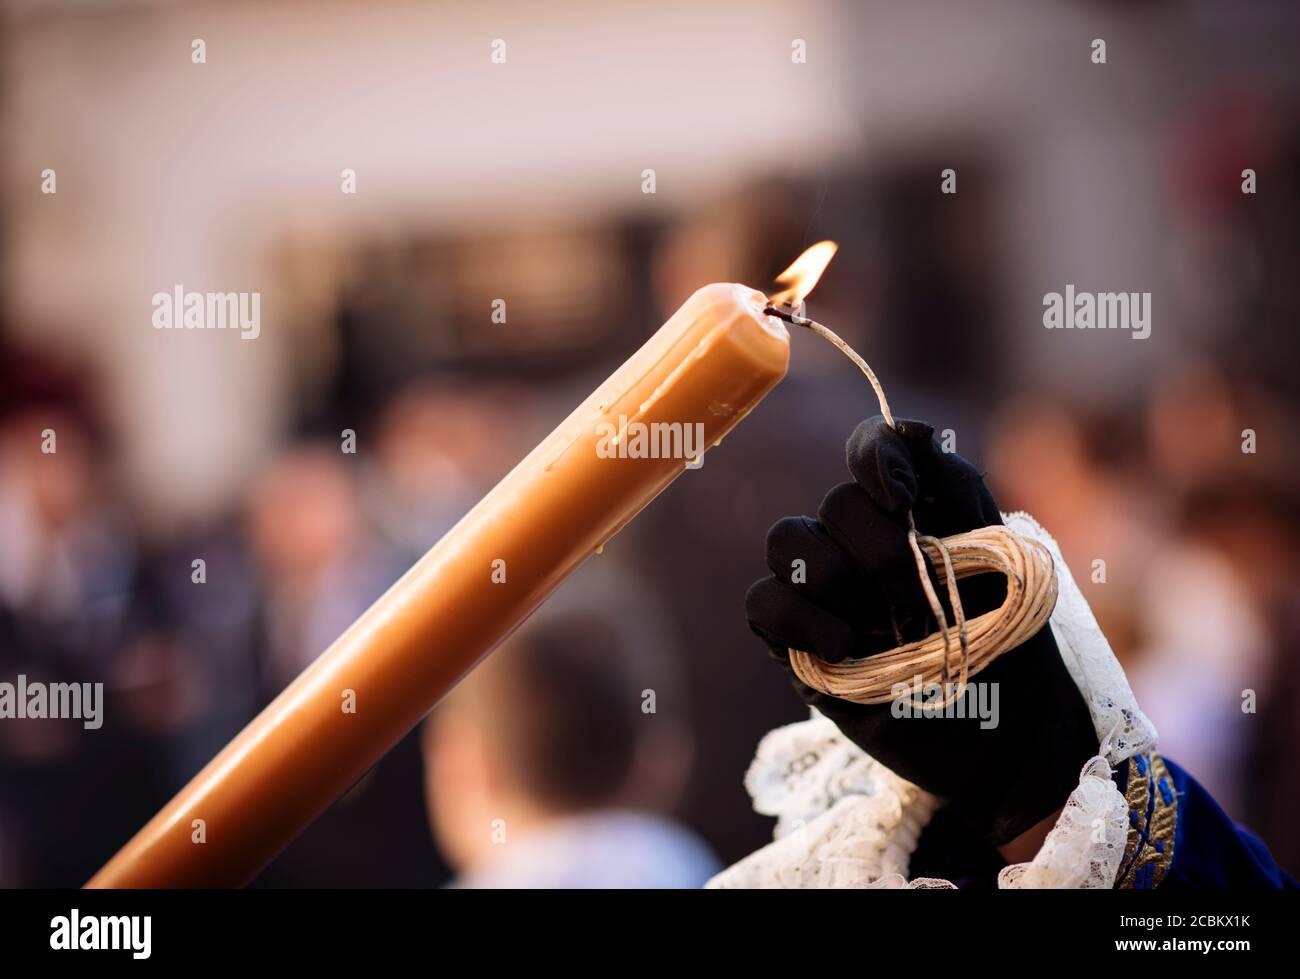 Büßer der Bruderschaft Los Negritos an Prozessionen während der Semana Santa (Karwoche), Sevilla, Andalusien, Spanien Stockfoto